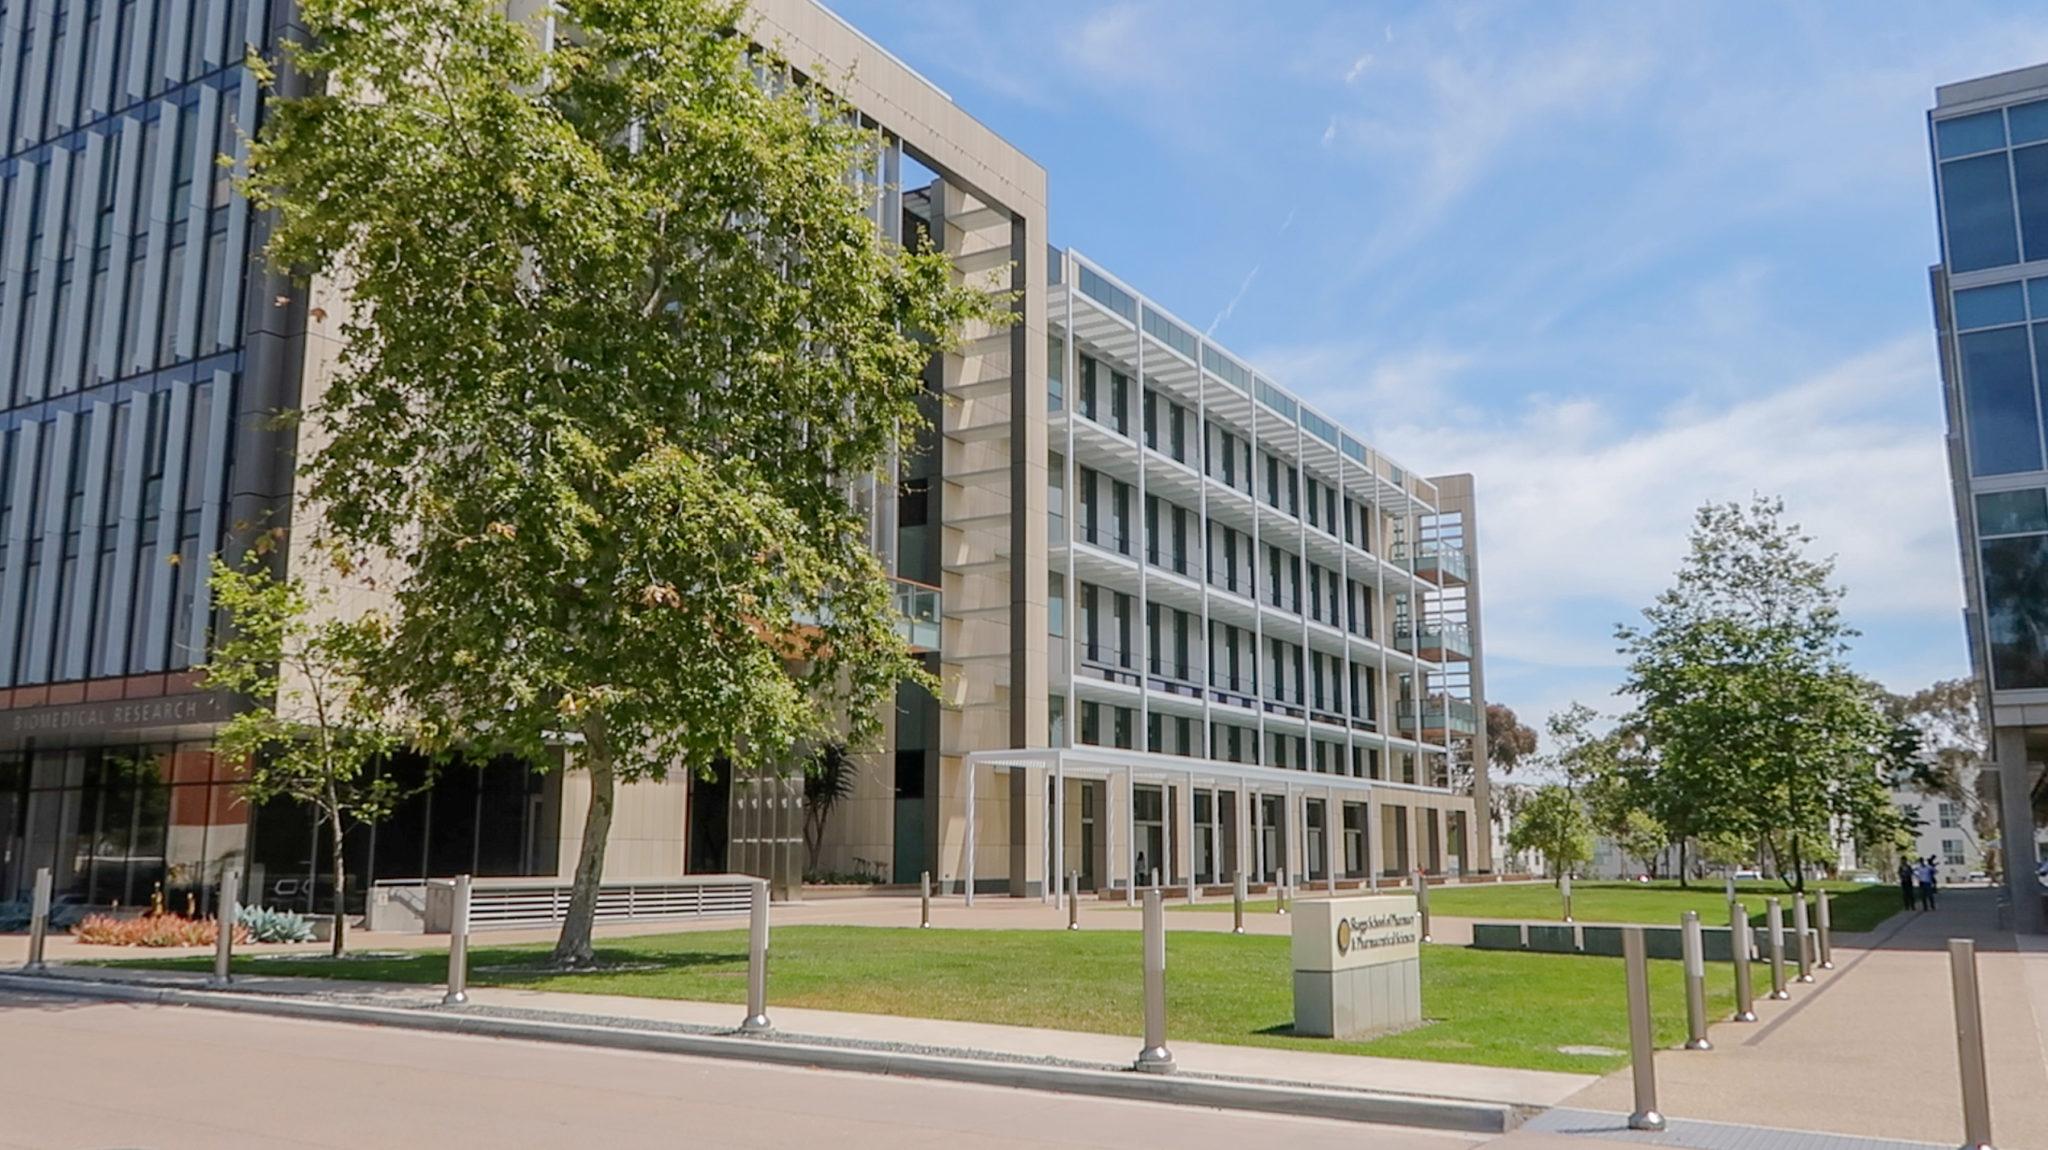 Departamento de Investigación Biomédica de la Universidad de California en San Diego, donde trabaja Pascal Gagneux